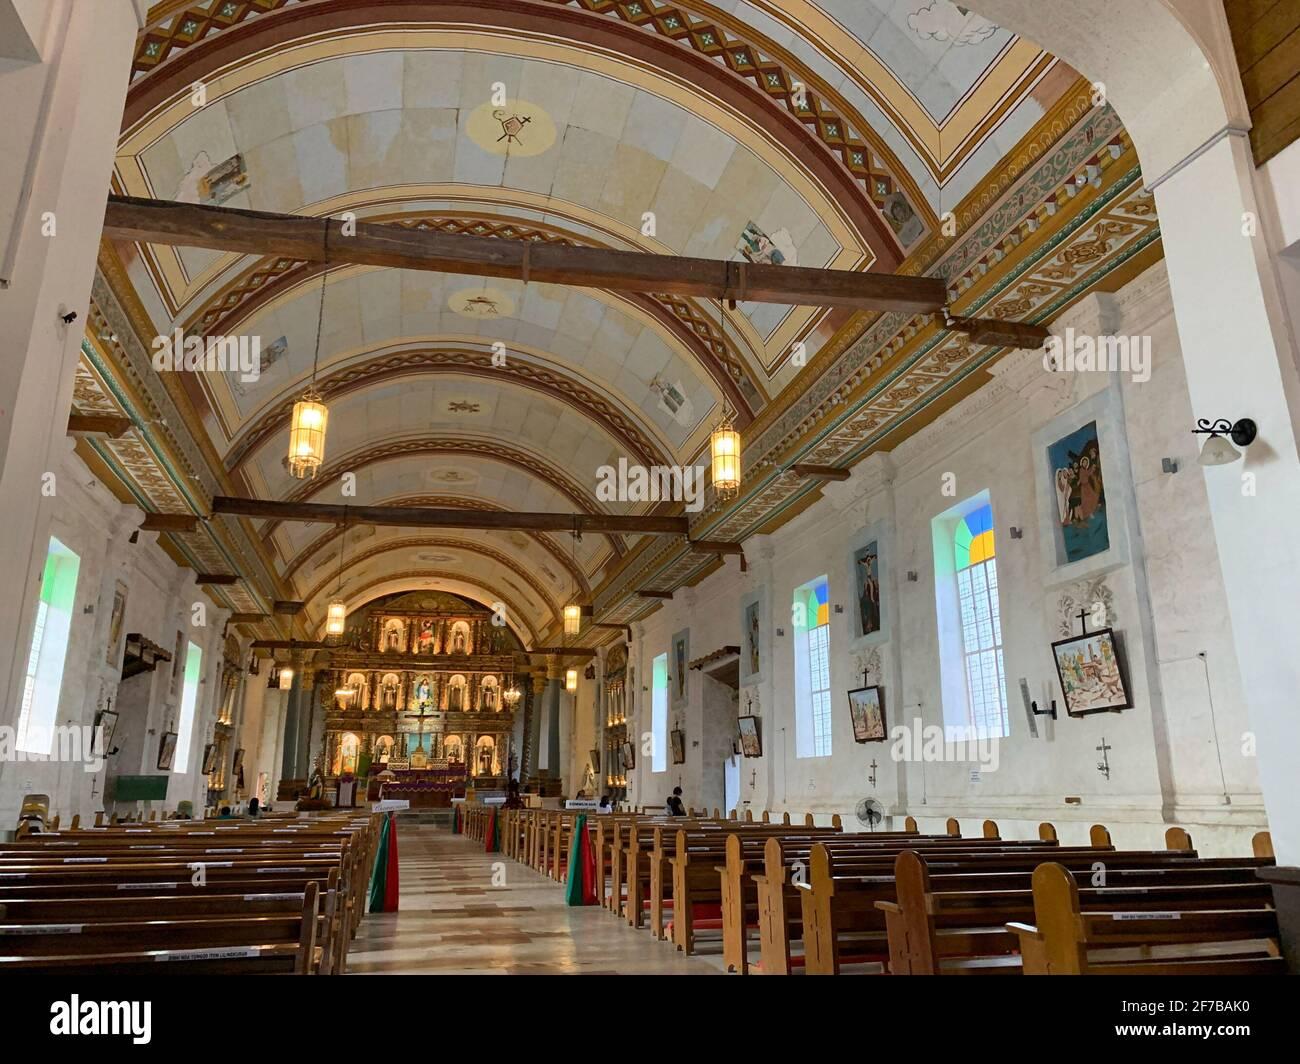 Im Inneren der vollständig restaurierten Kirche der Unbefleckten Empfängnis in Guiuan Ost-Samar. Diese Kirche wurde während des Taifuns Yolanda im letzten Jahr 2013 zerstört. Philippinen. Stockfoto